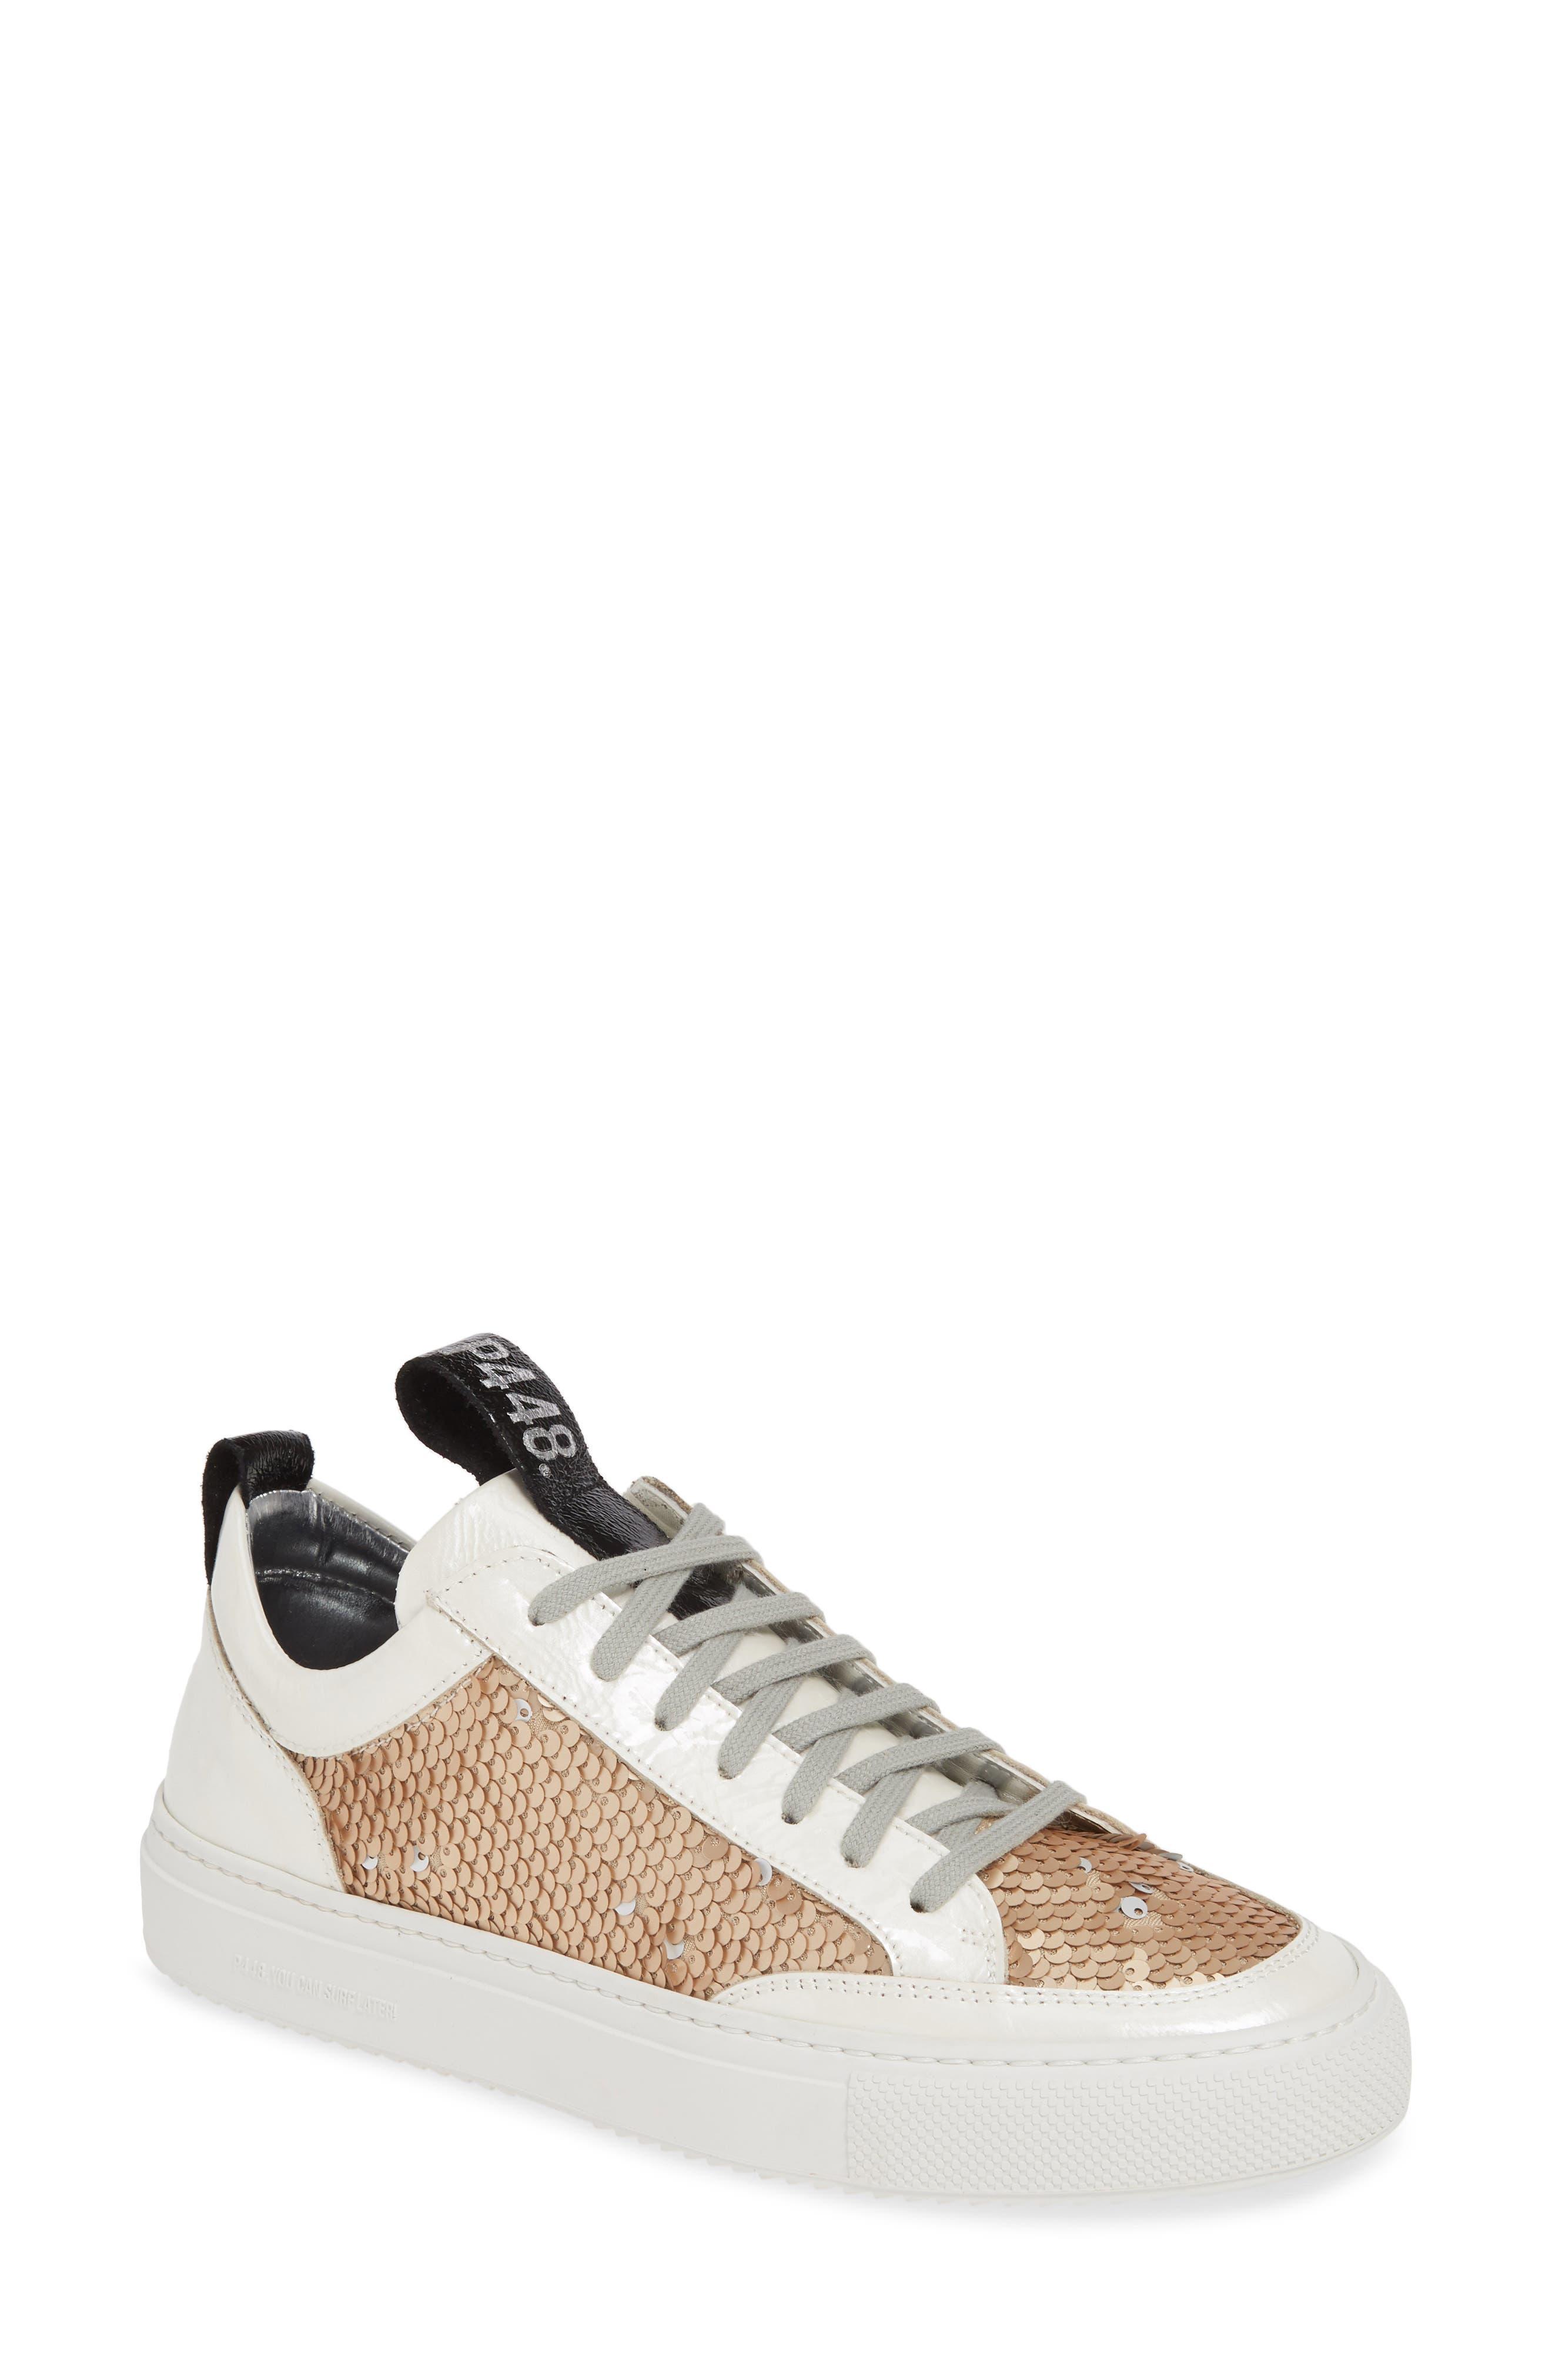 P448 | Soho Sequin Low Top Sneaker